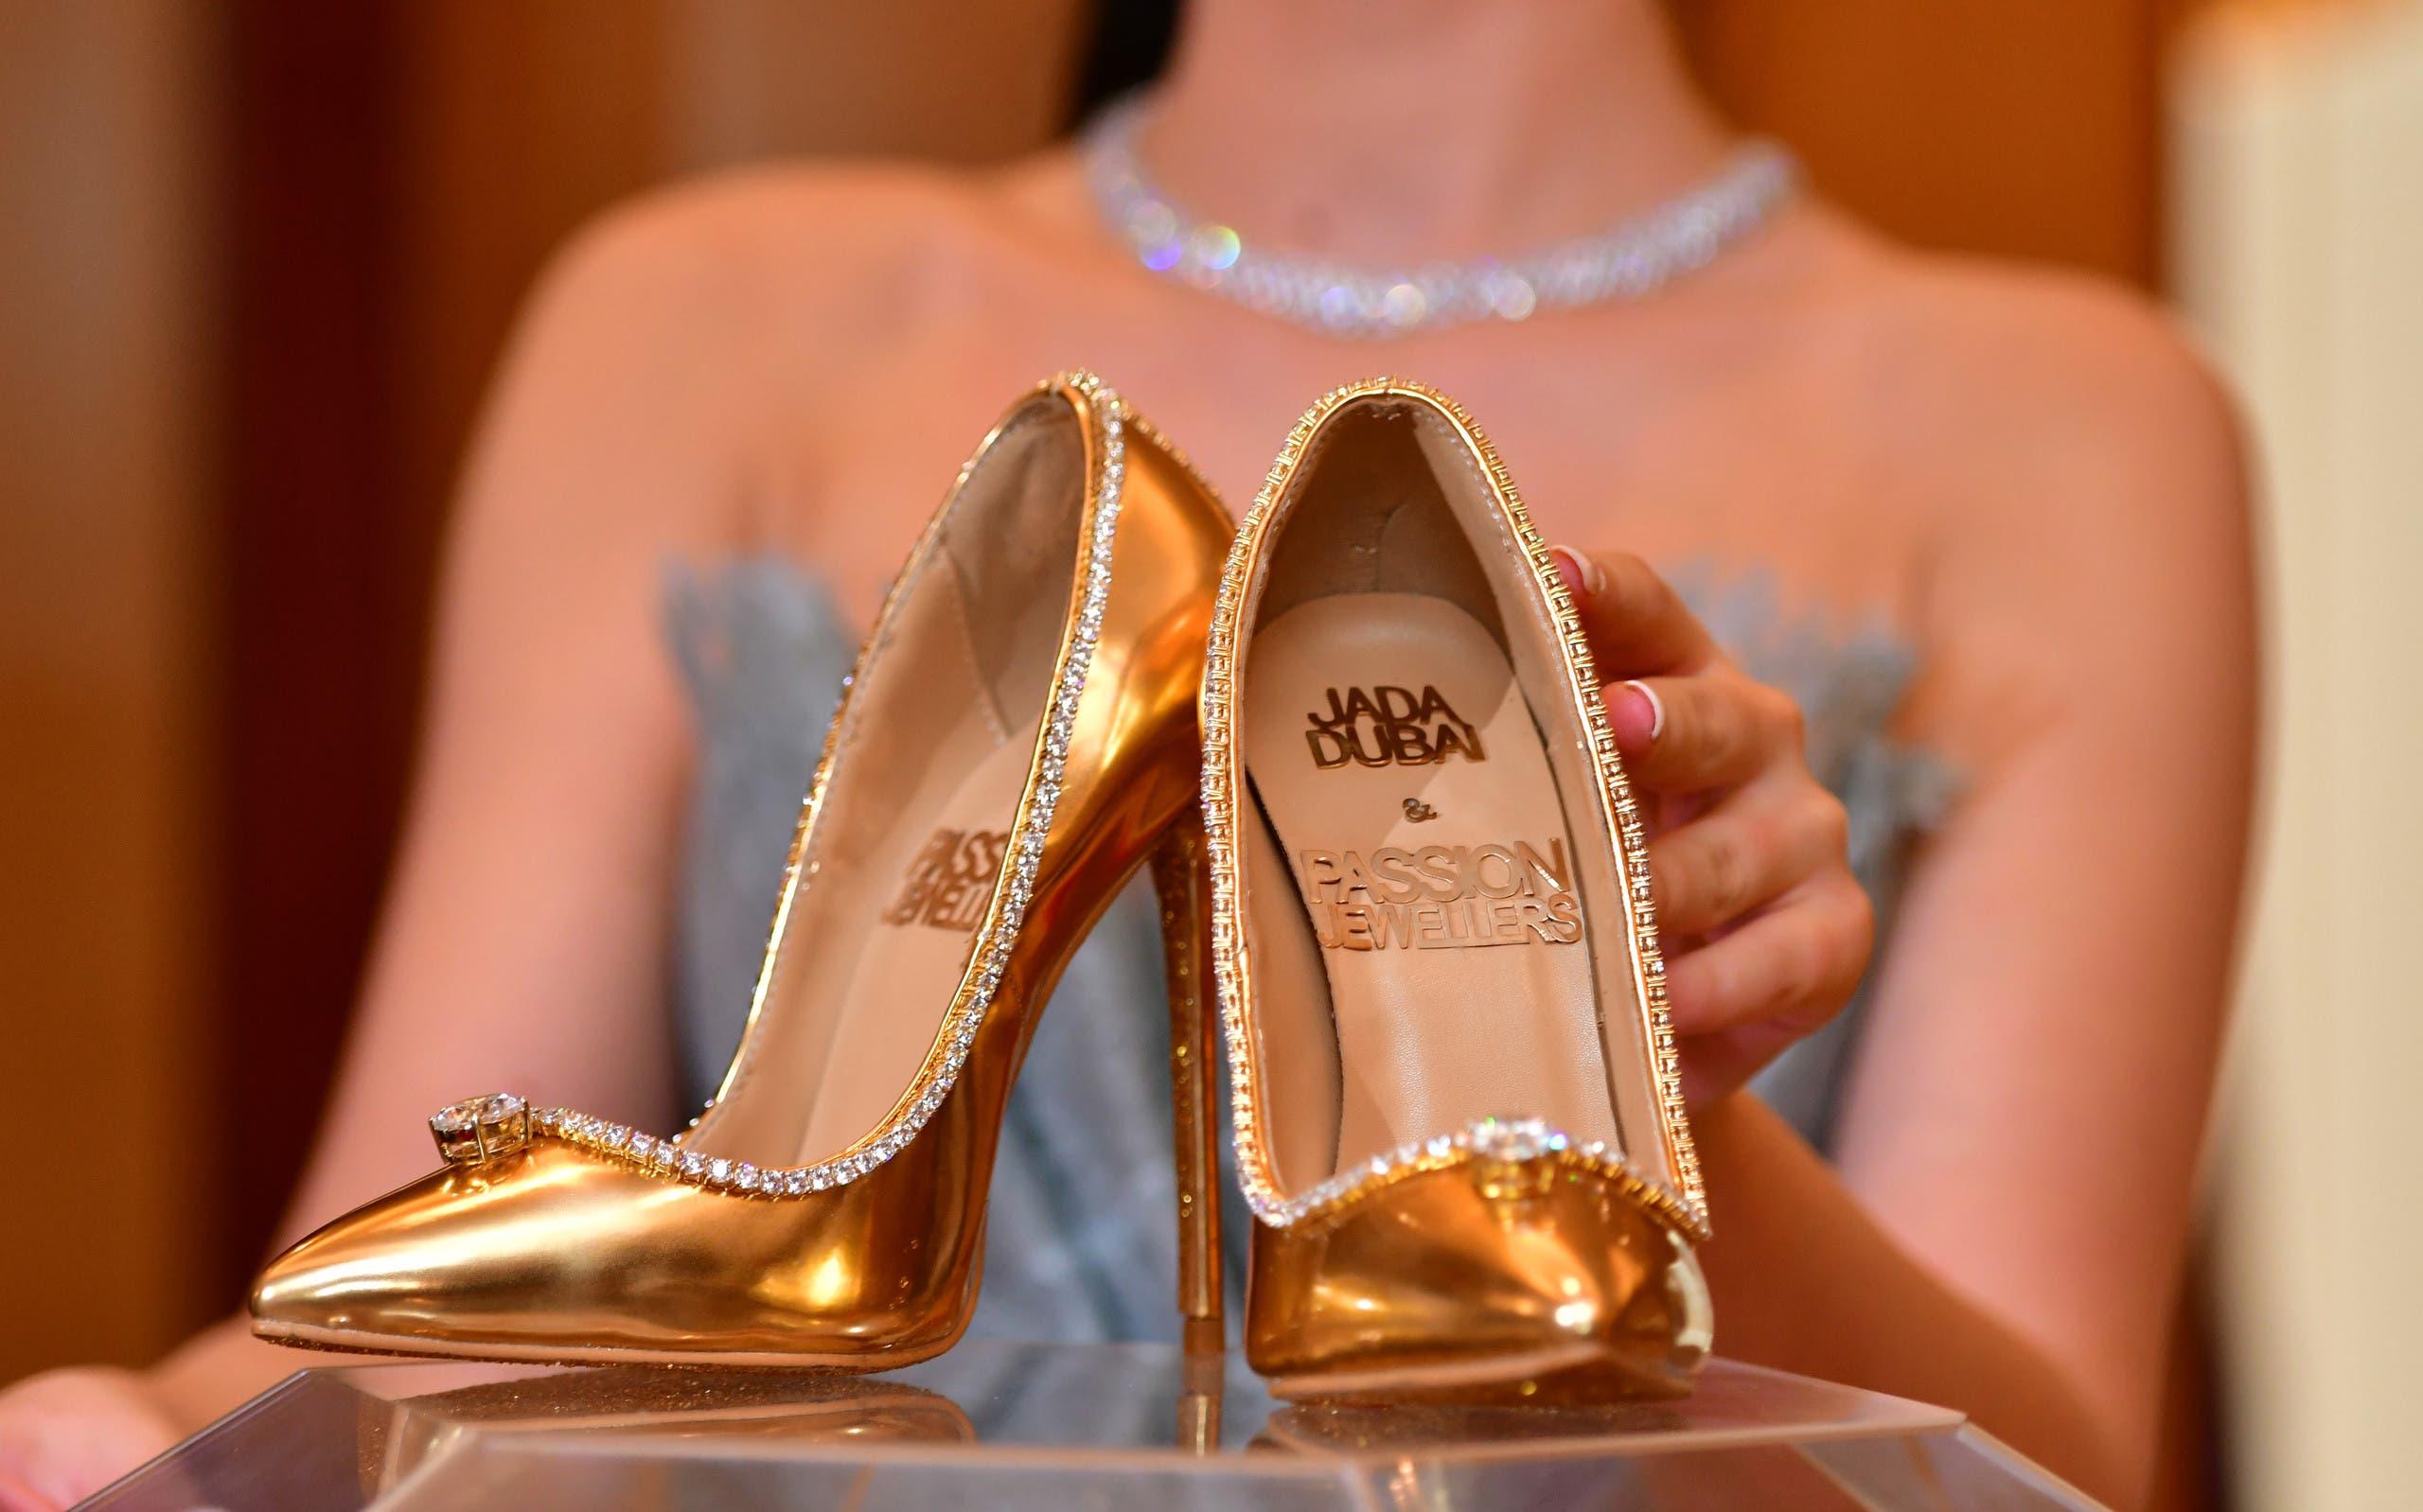 89d2c82b c98f 4f82 b44f 515ae5b075e2 أغلى حذاء في العالم ،ثمنه  17 مليون دولار ، فمن يشتري؟